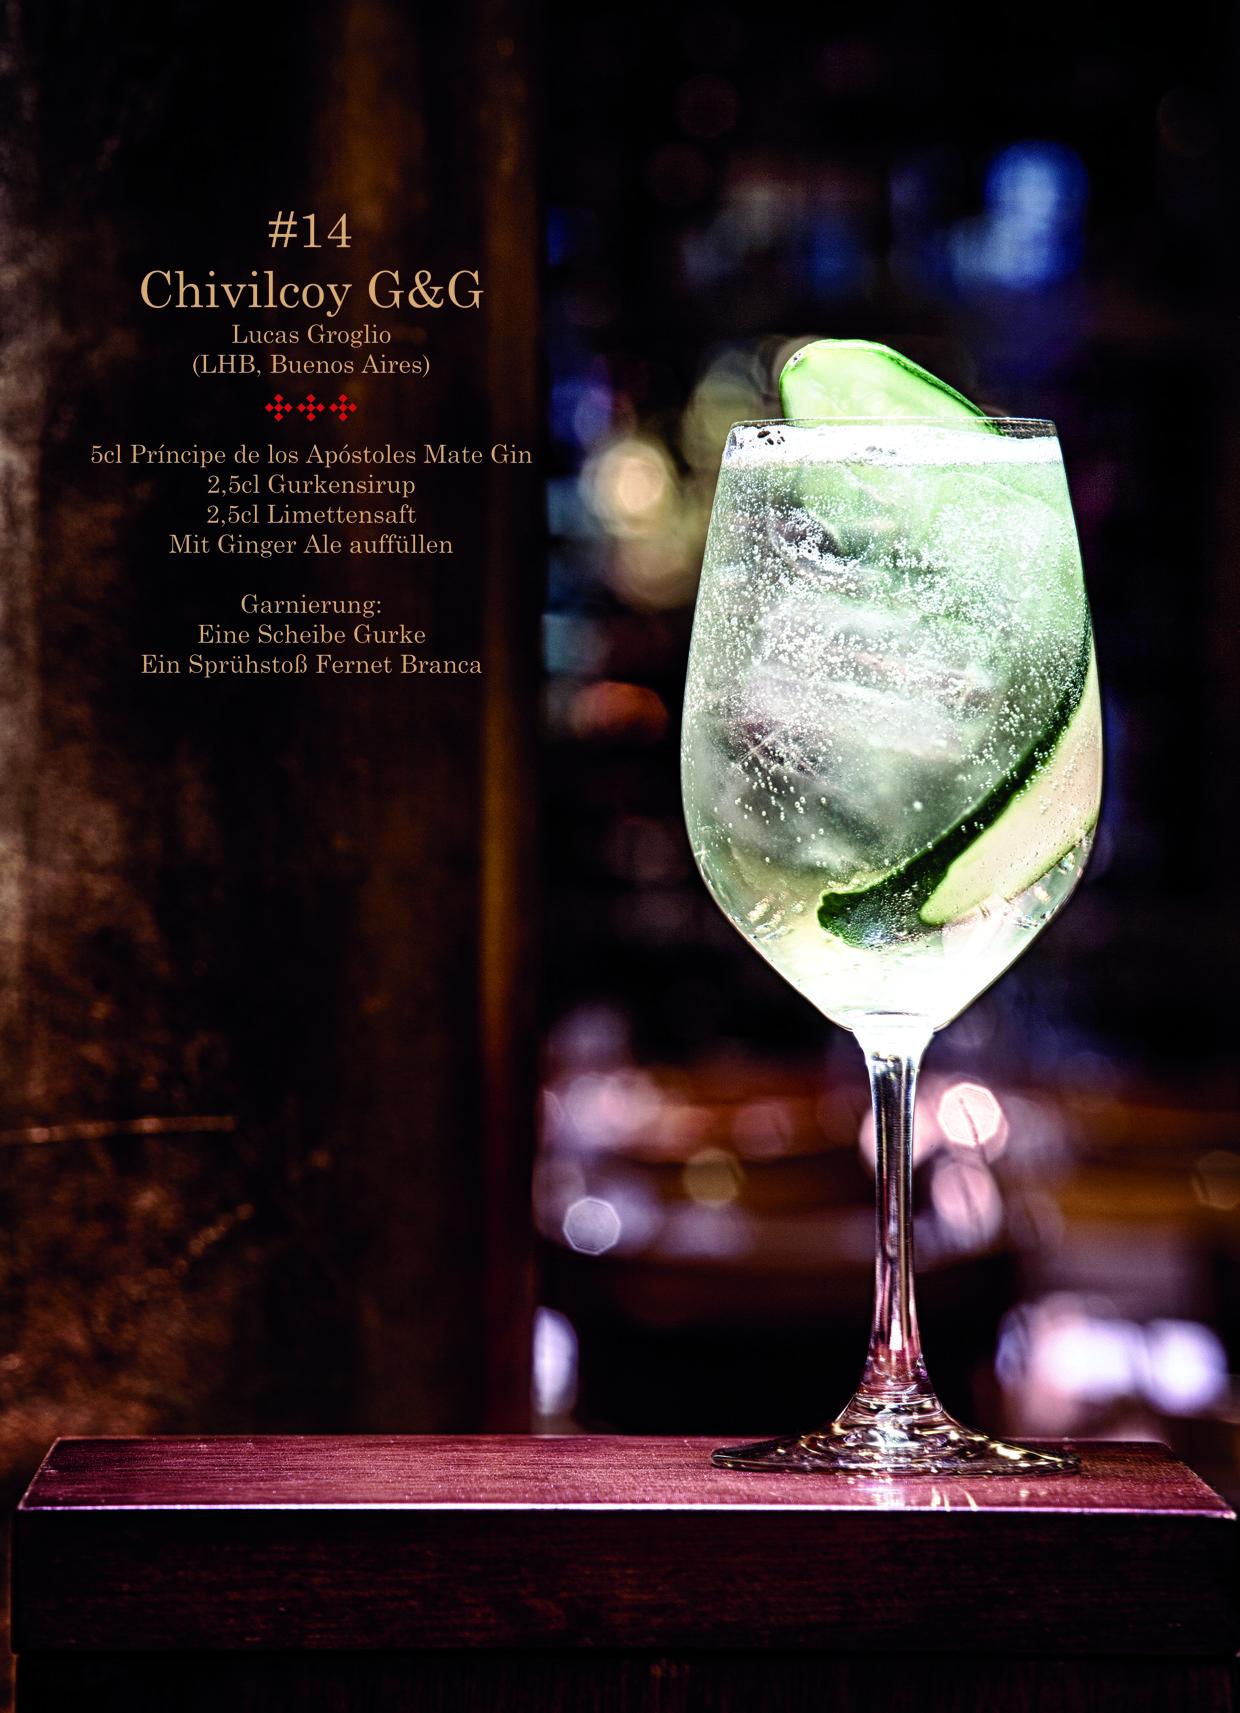 Chivilcoy G&G